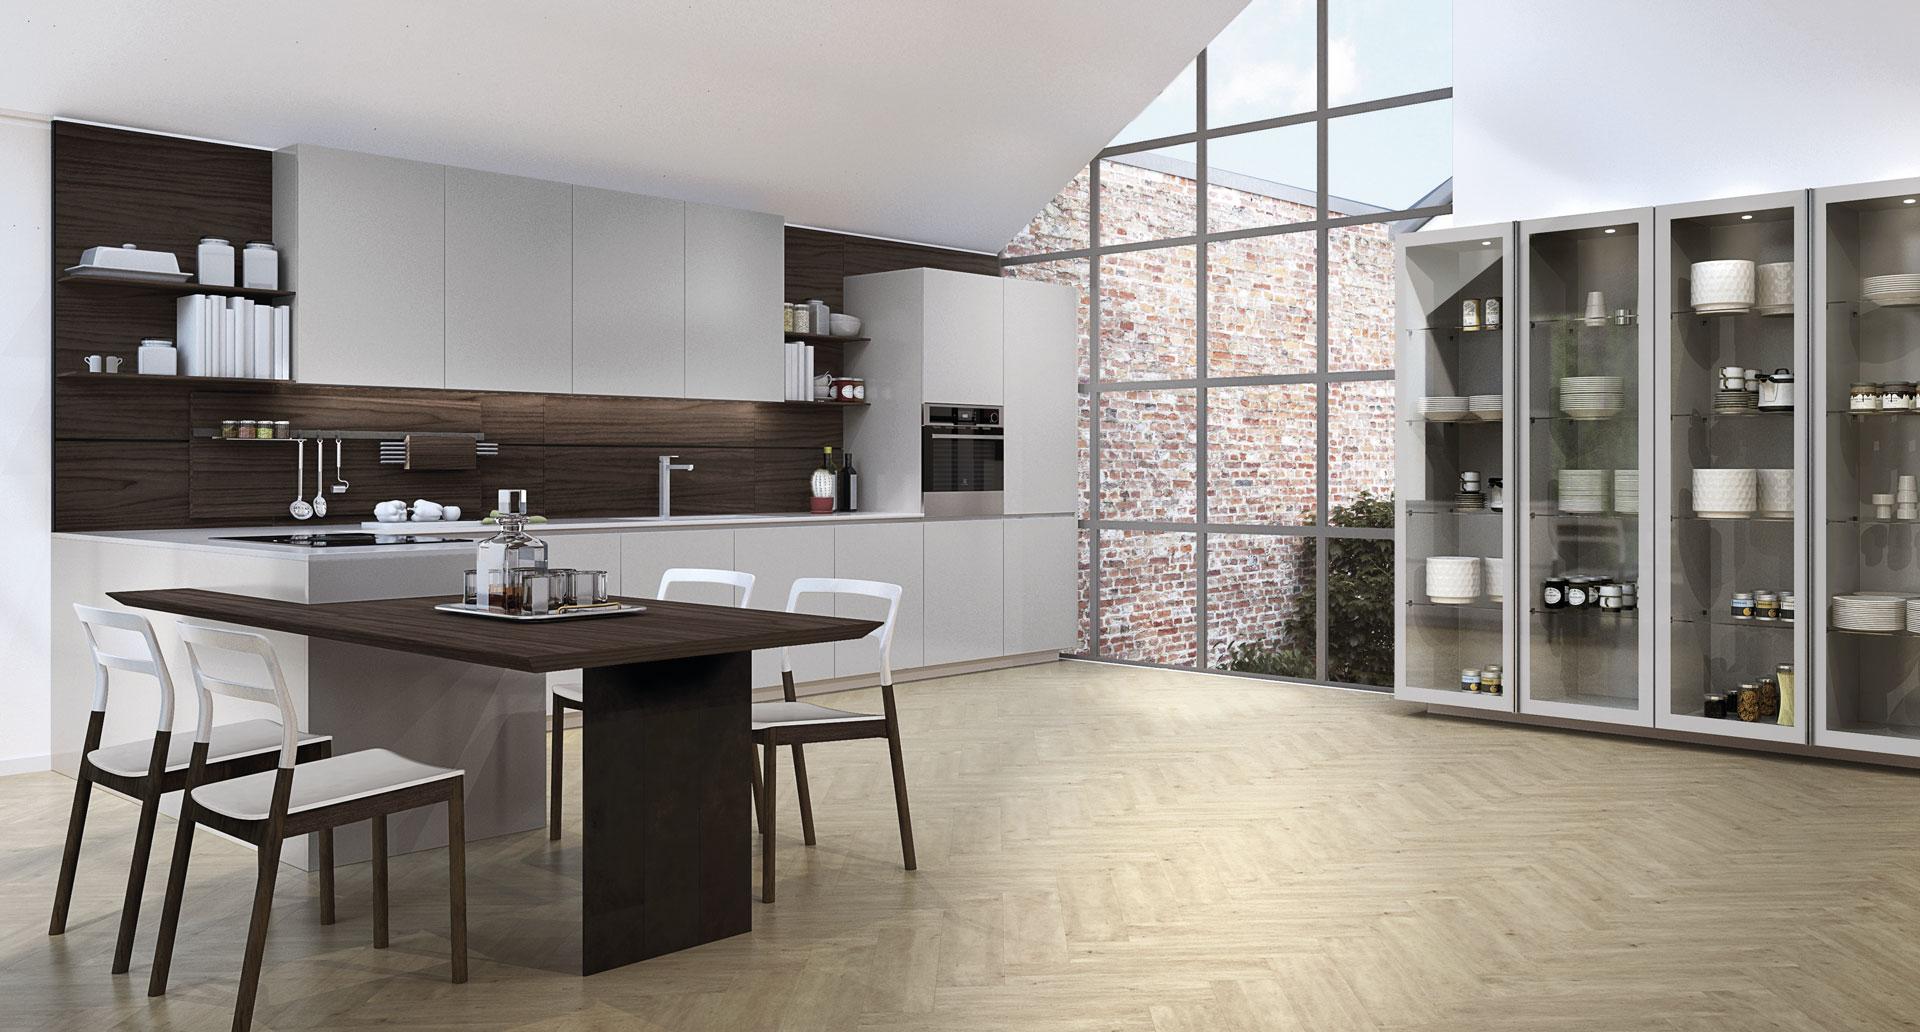 Cucine poliform lissone habitat casa rivenditore poliform - La casa della cameretta lissone ...